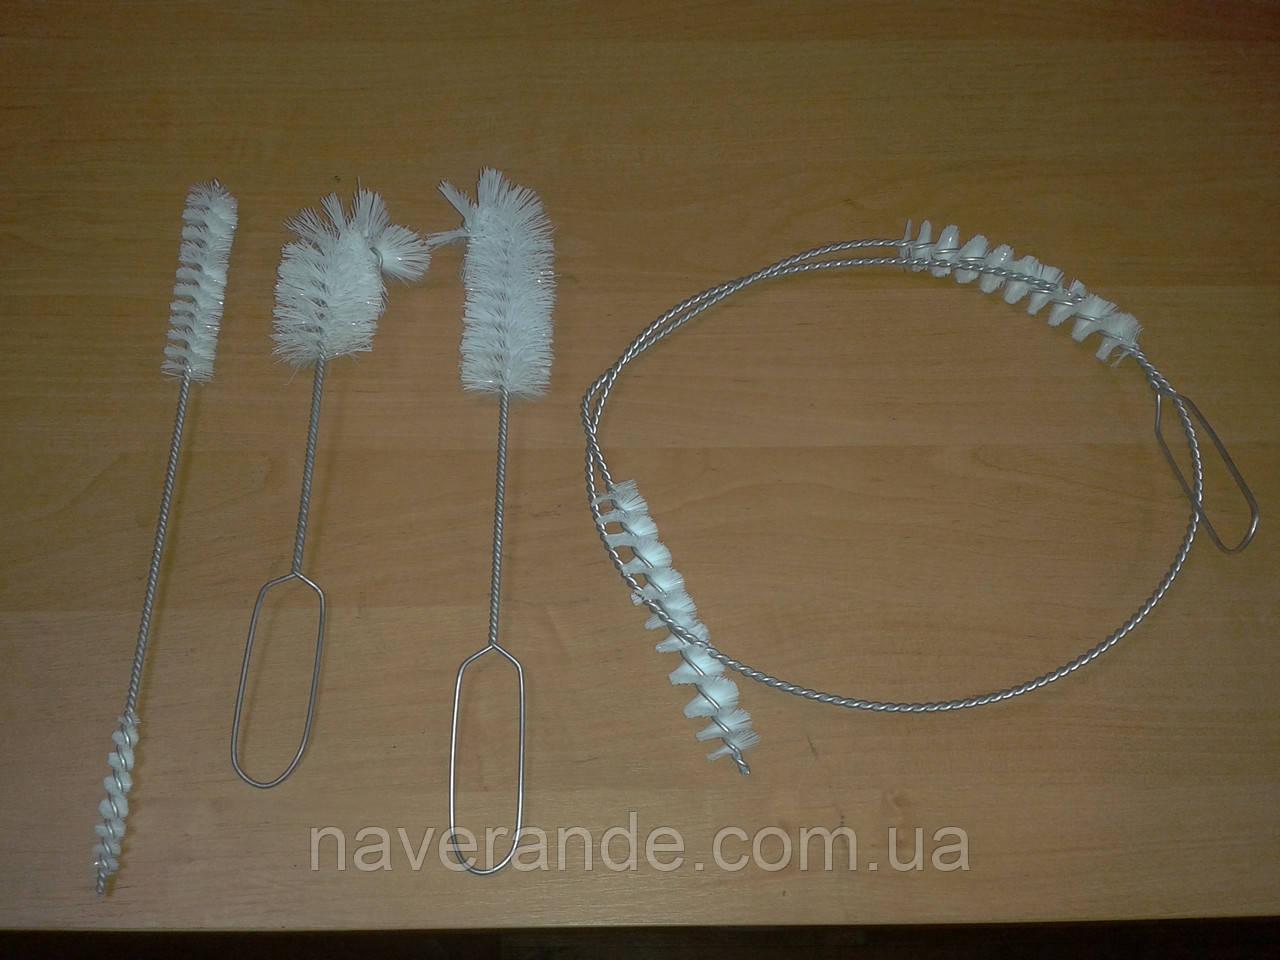 Ерши для чистки доильных аппаратов (комплект)